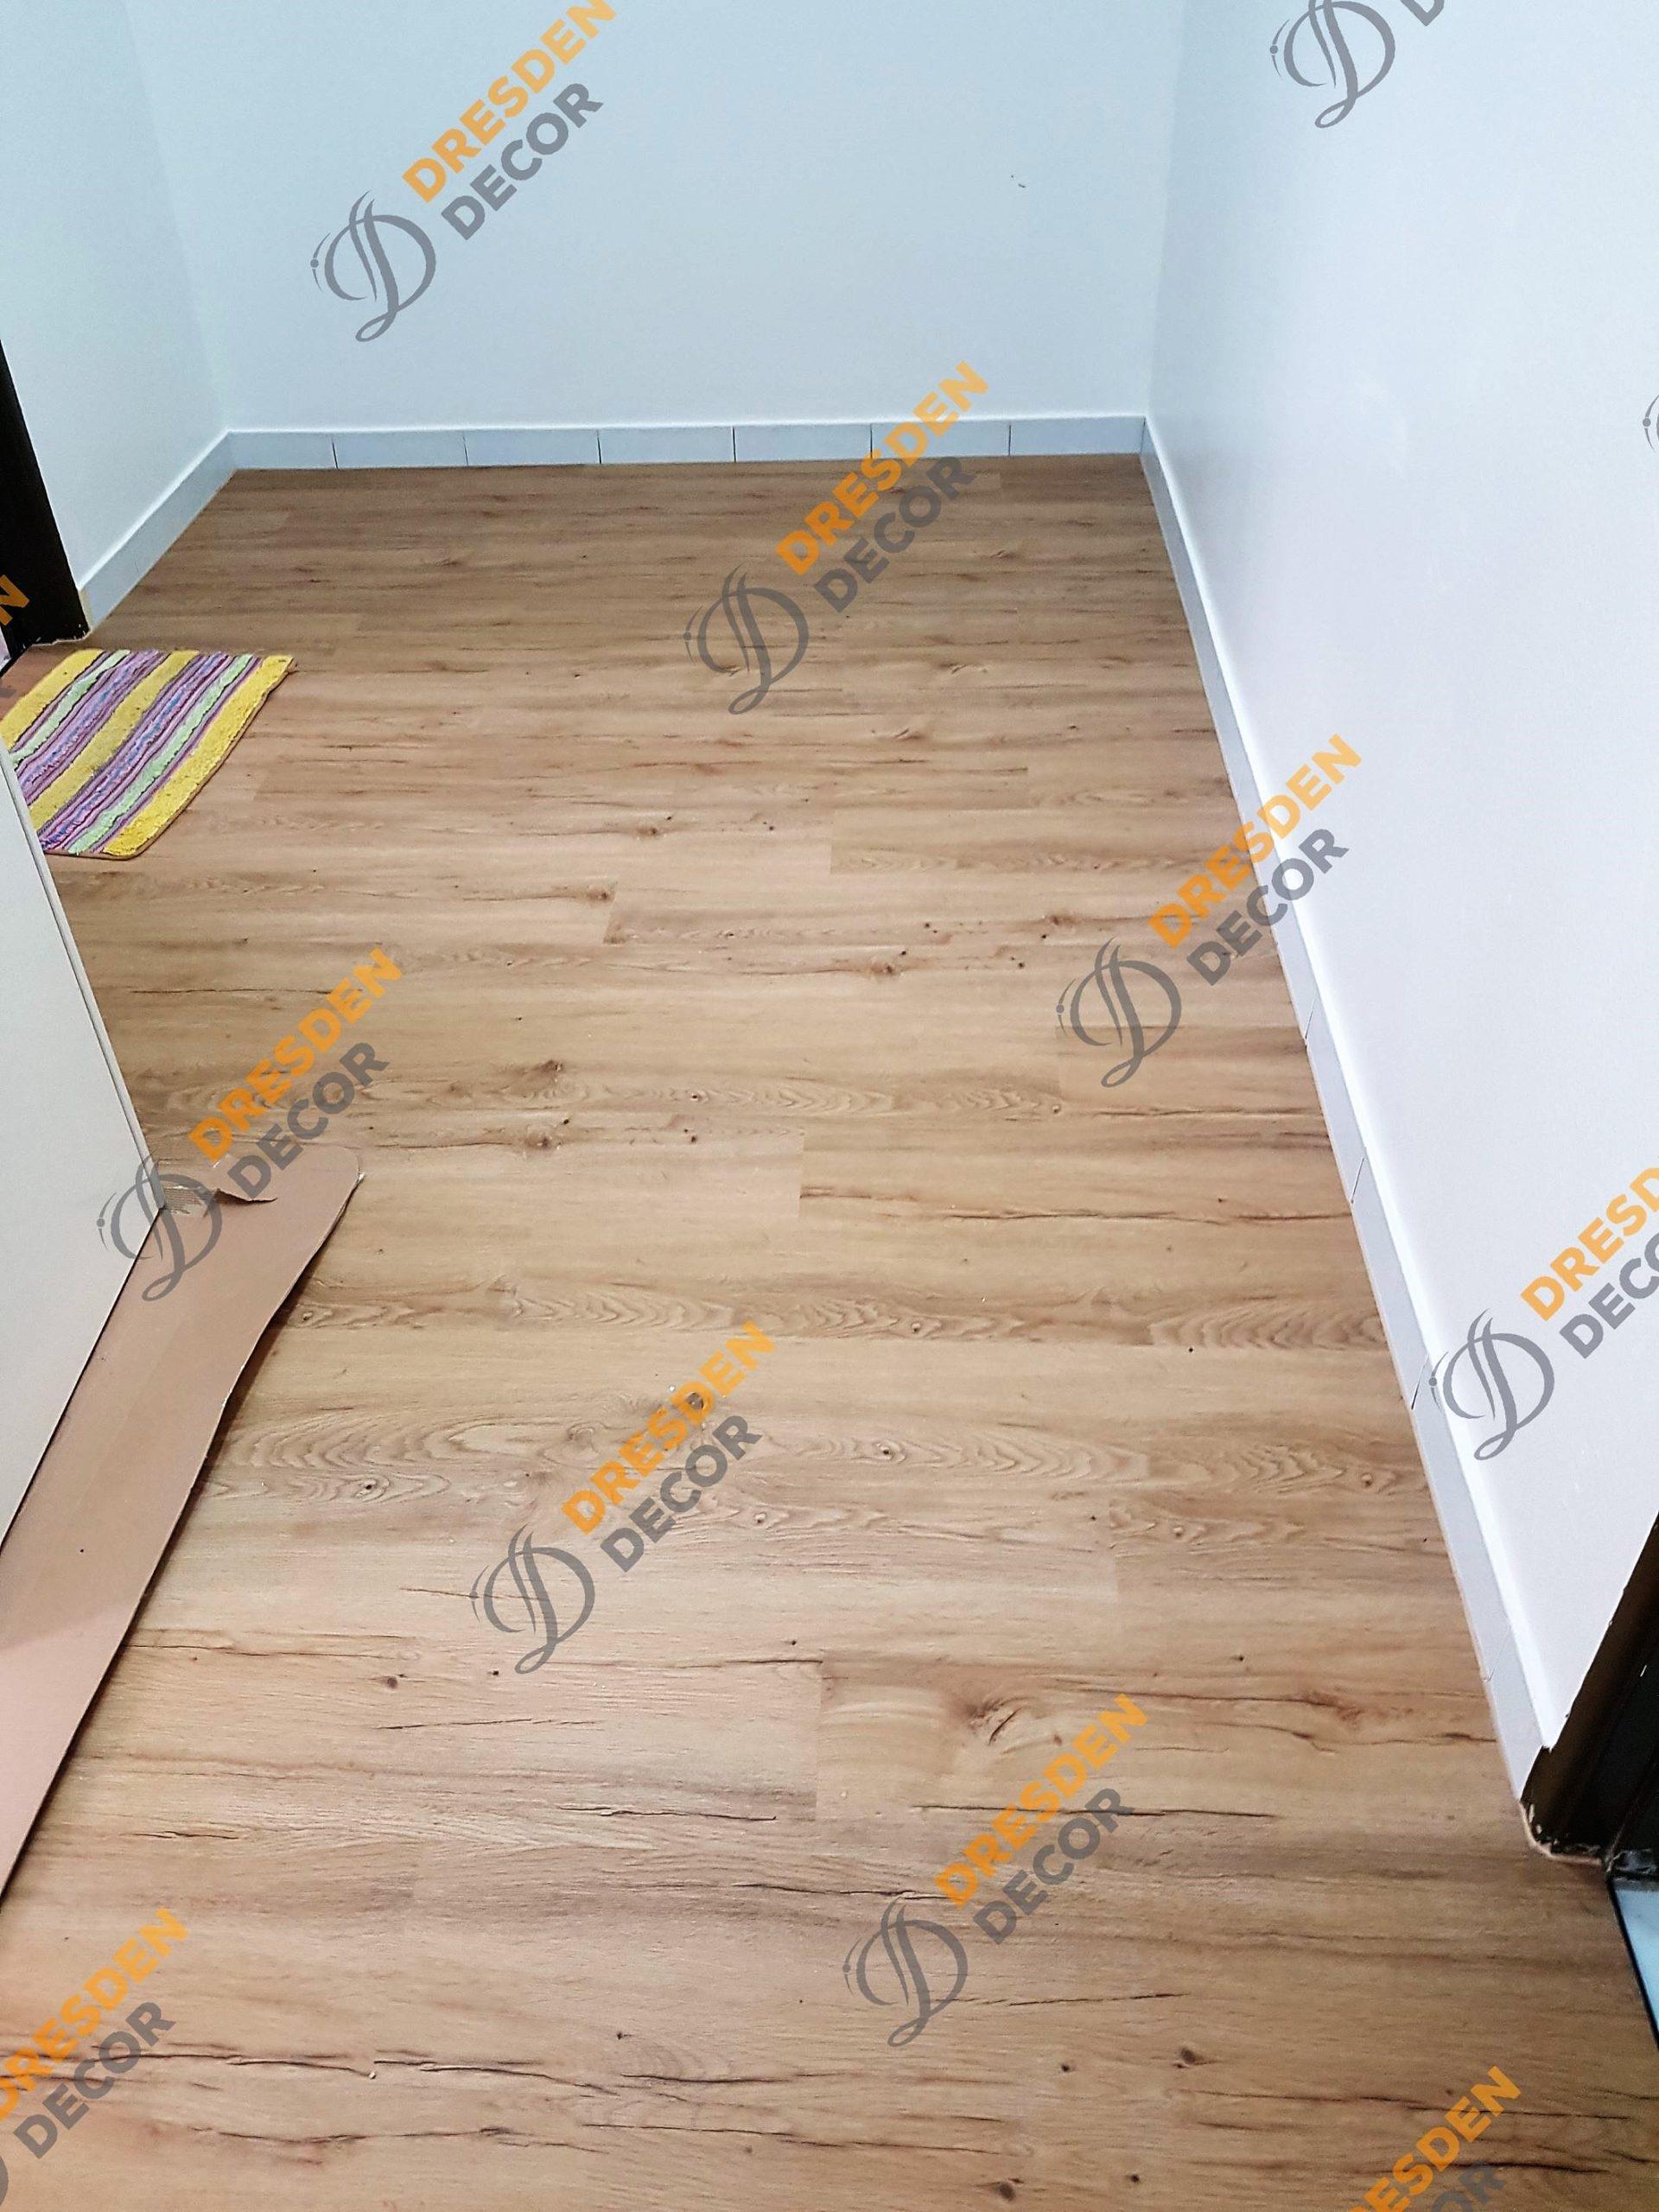 Residential Sg Long 0.3mm PVC Vinyl Plank